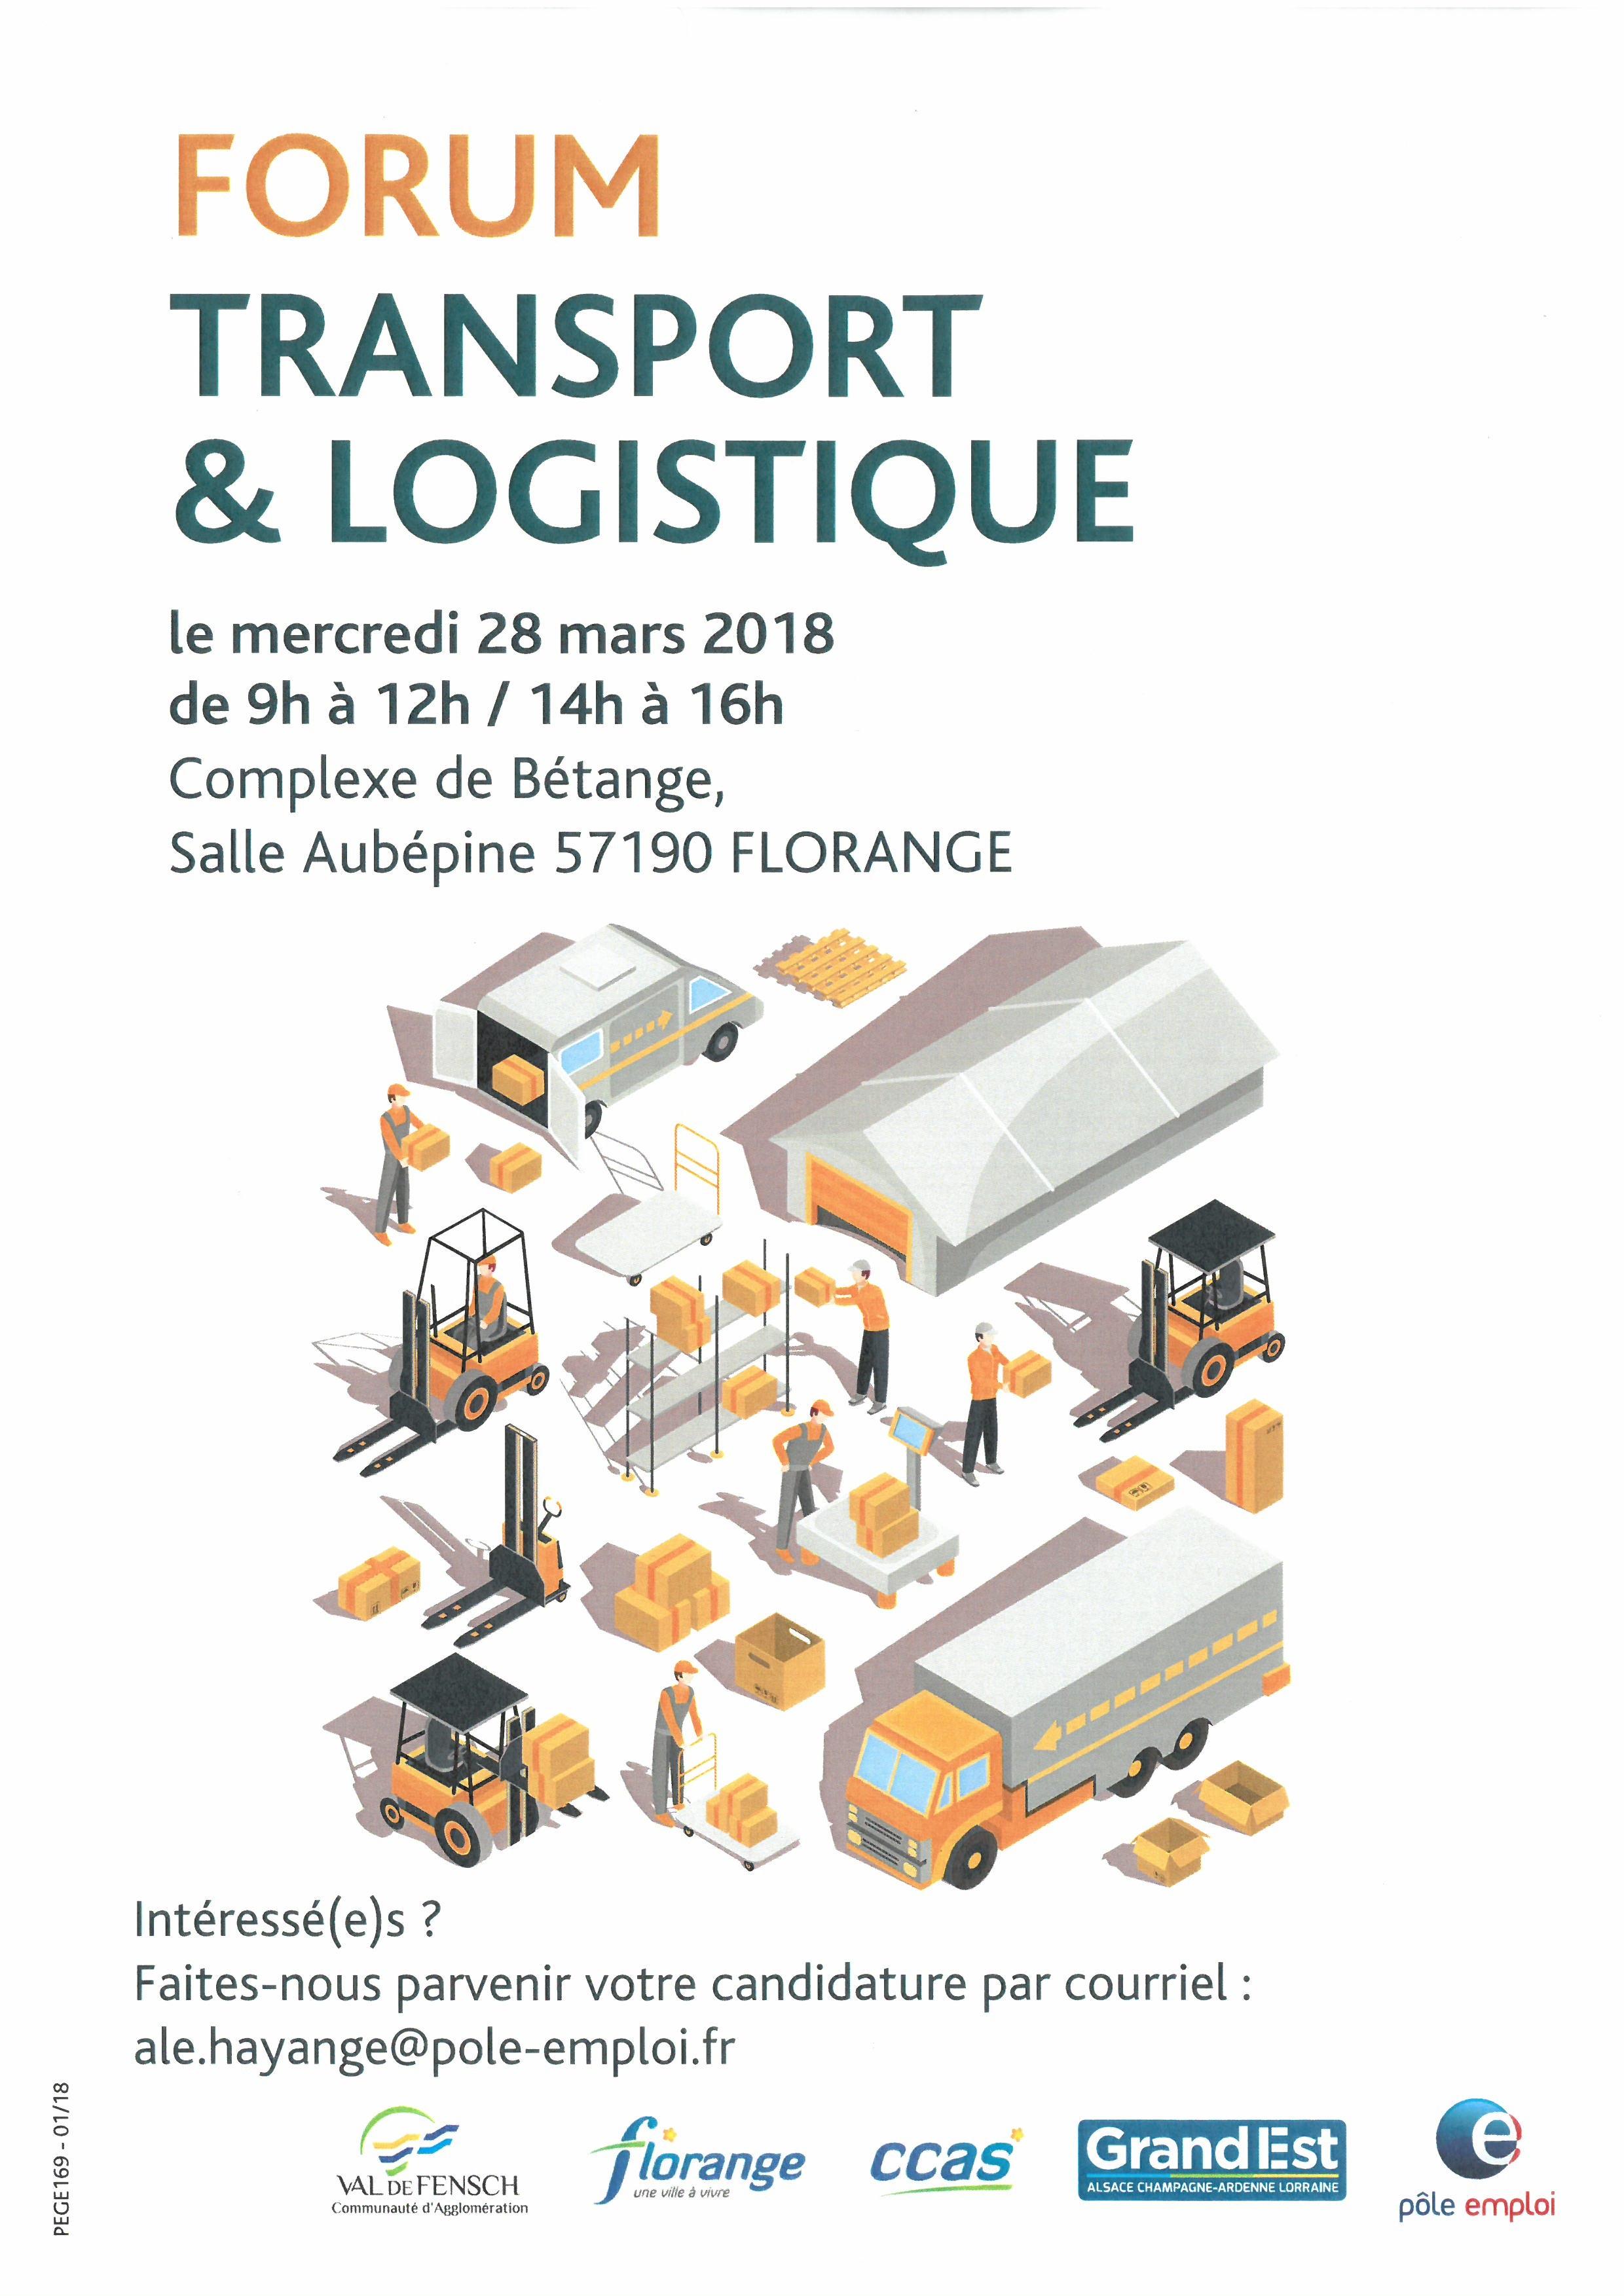 FORUM TRANSPORT LOGISTIQUE AU COMPLEXE DE BETANGE A FLORANGE